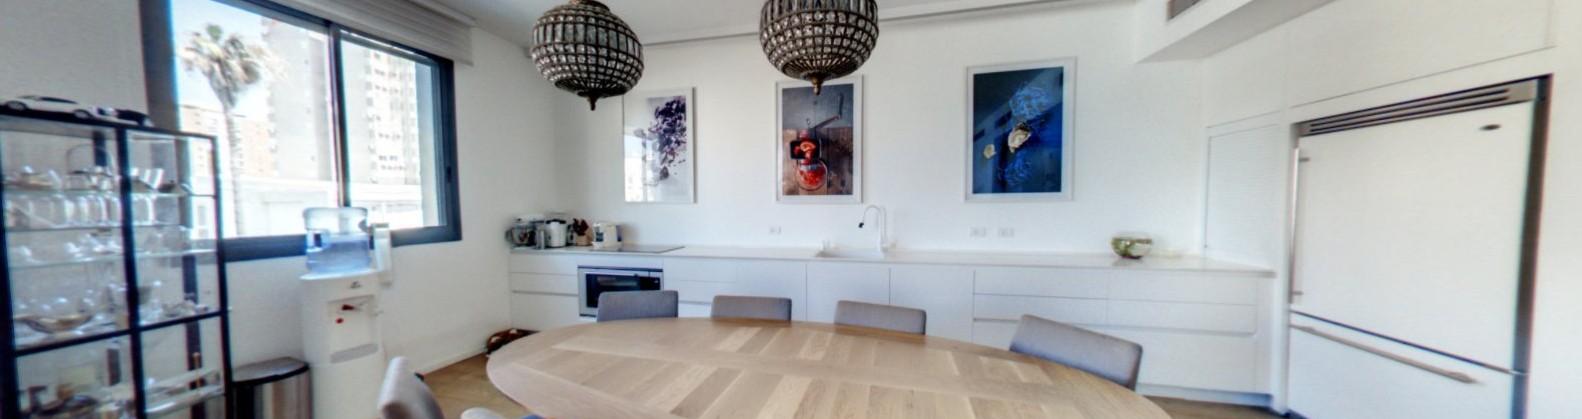 """בבלעדיות,ברמת אביב הירוקה,בפיכמן,4 חדרים חדשה משופצת מעוצבת אדריכלית,ממ""""ד,מחסן,בבנין יוקרתי,מרפסת שמש"""